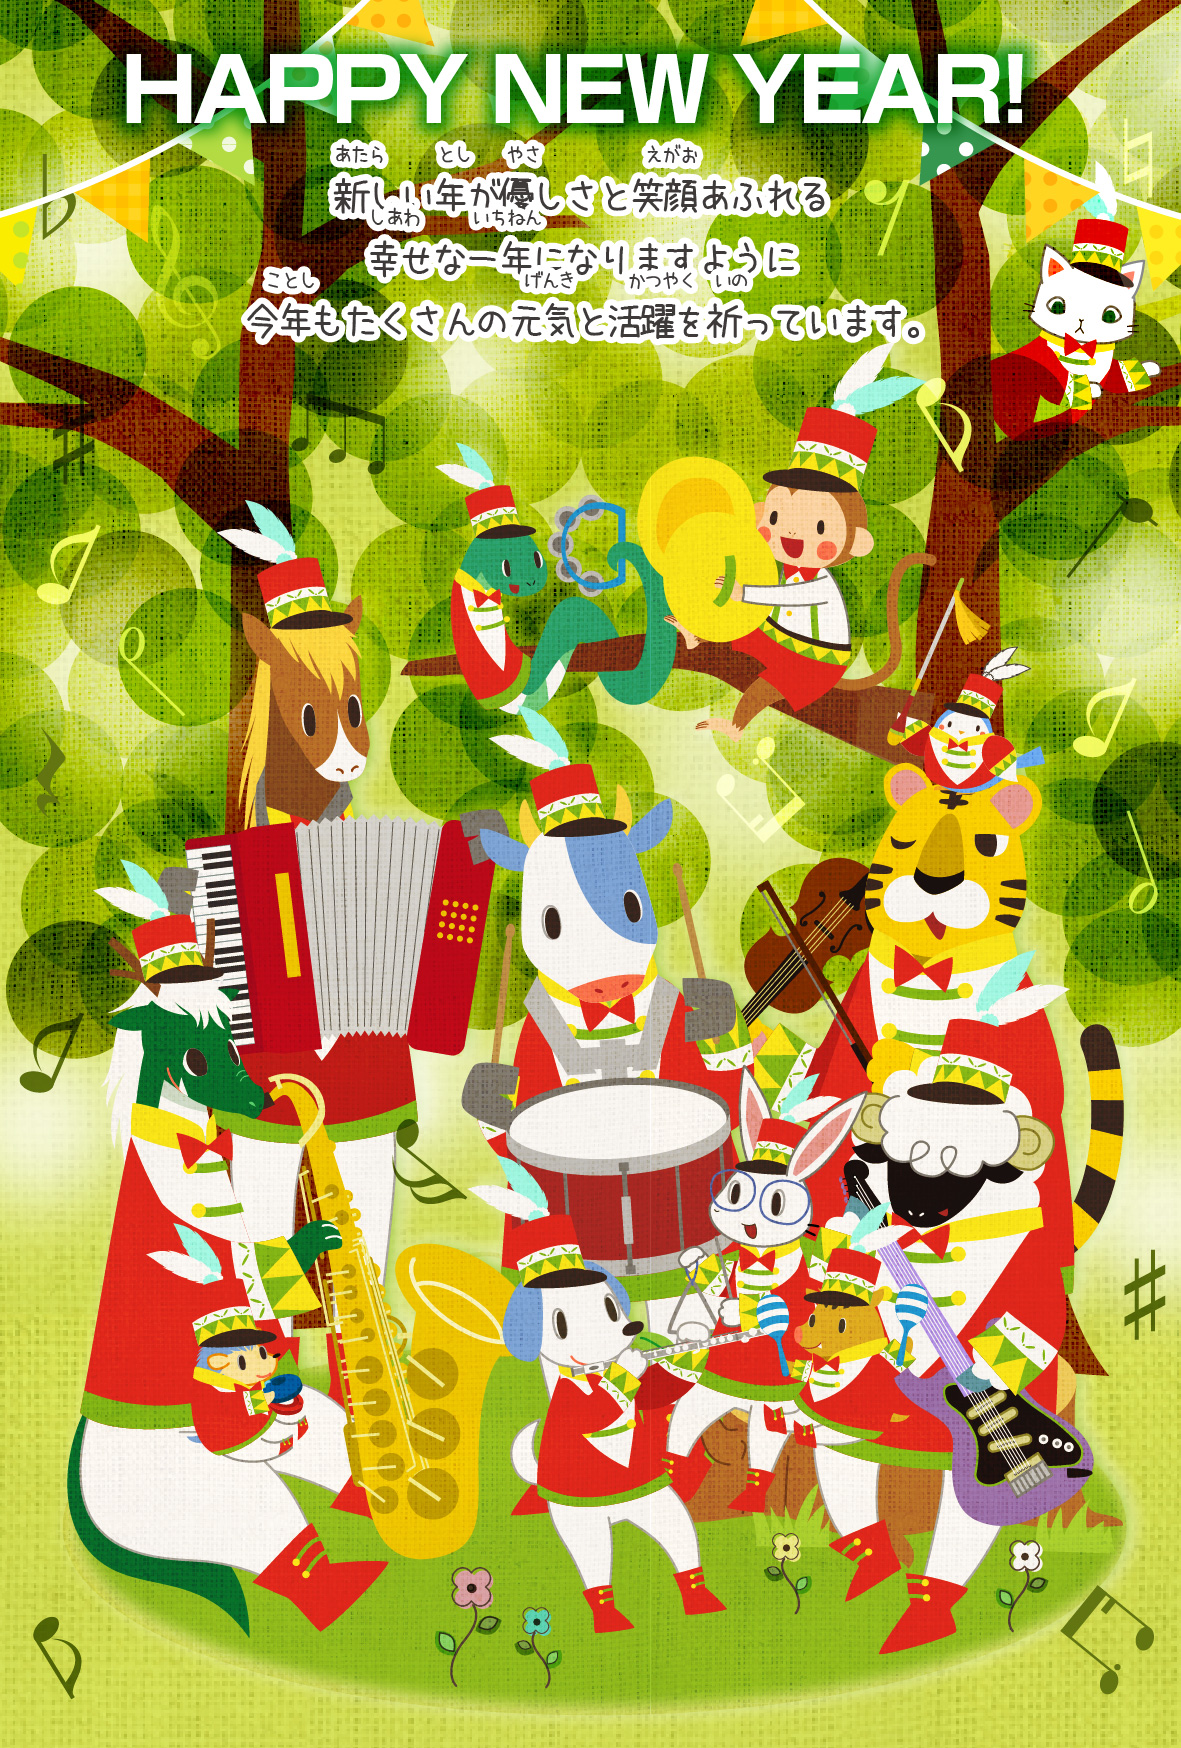 年賀状素材(十二支)ぼくらは12たす1の音楽隊 | 夢夢色town